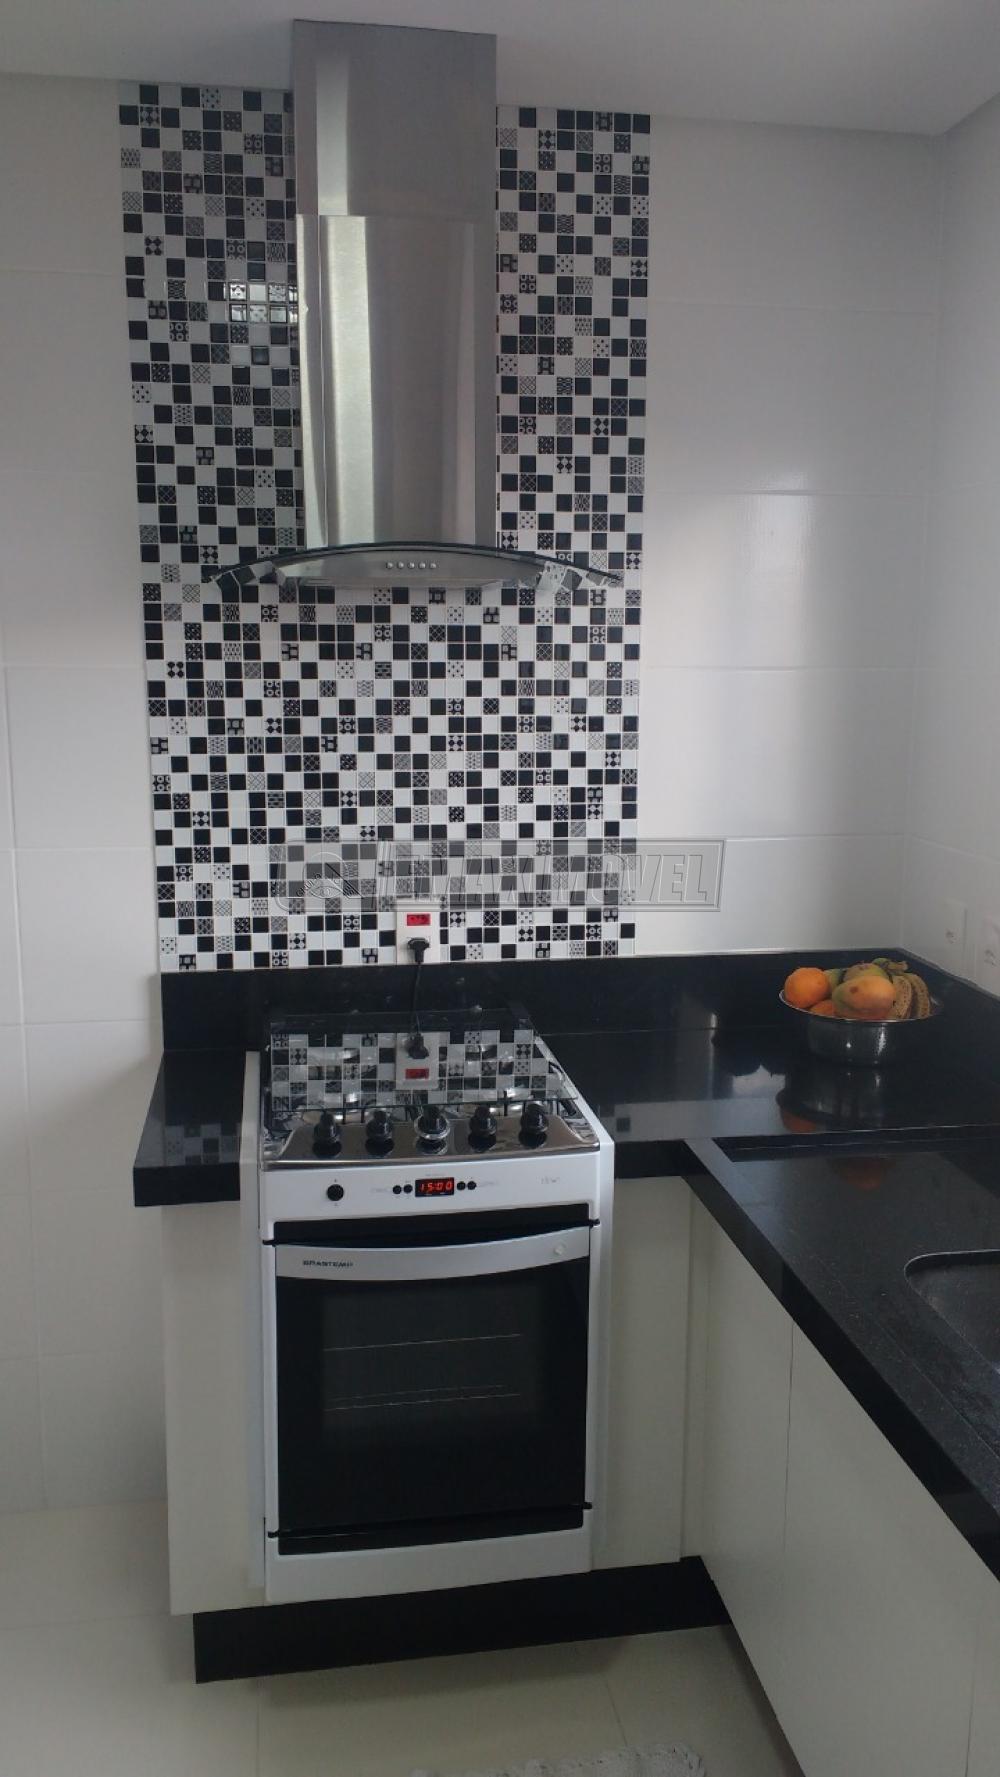 Comprar Apartamento / Padrão em Sorocaba R$ 230.000,00 - Foto 8